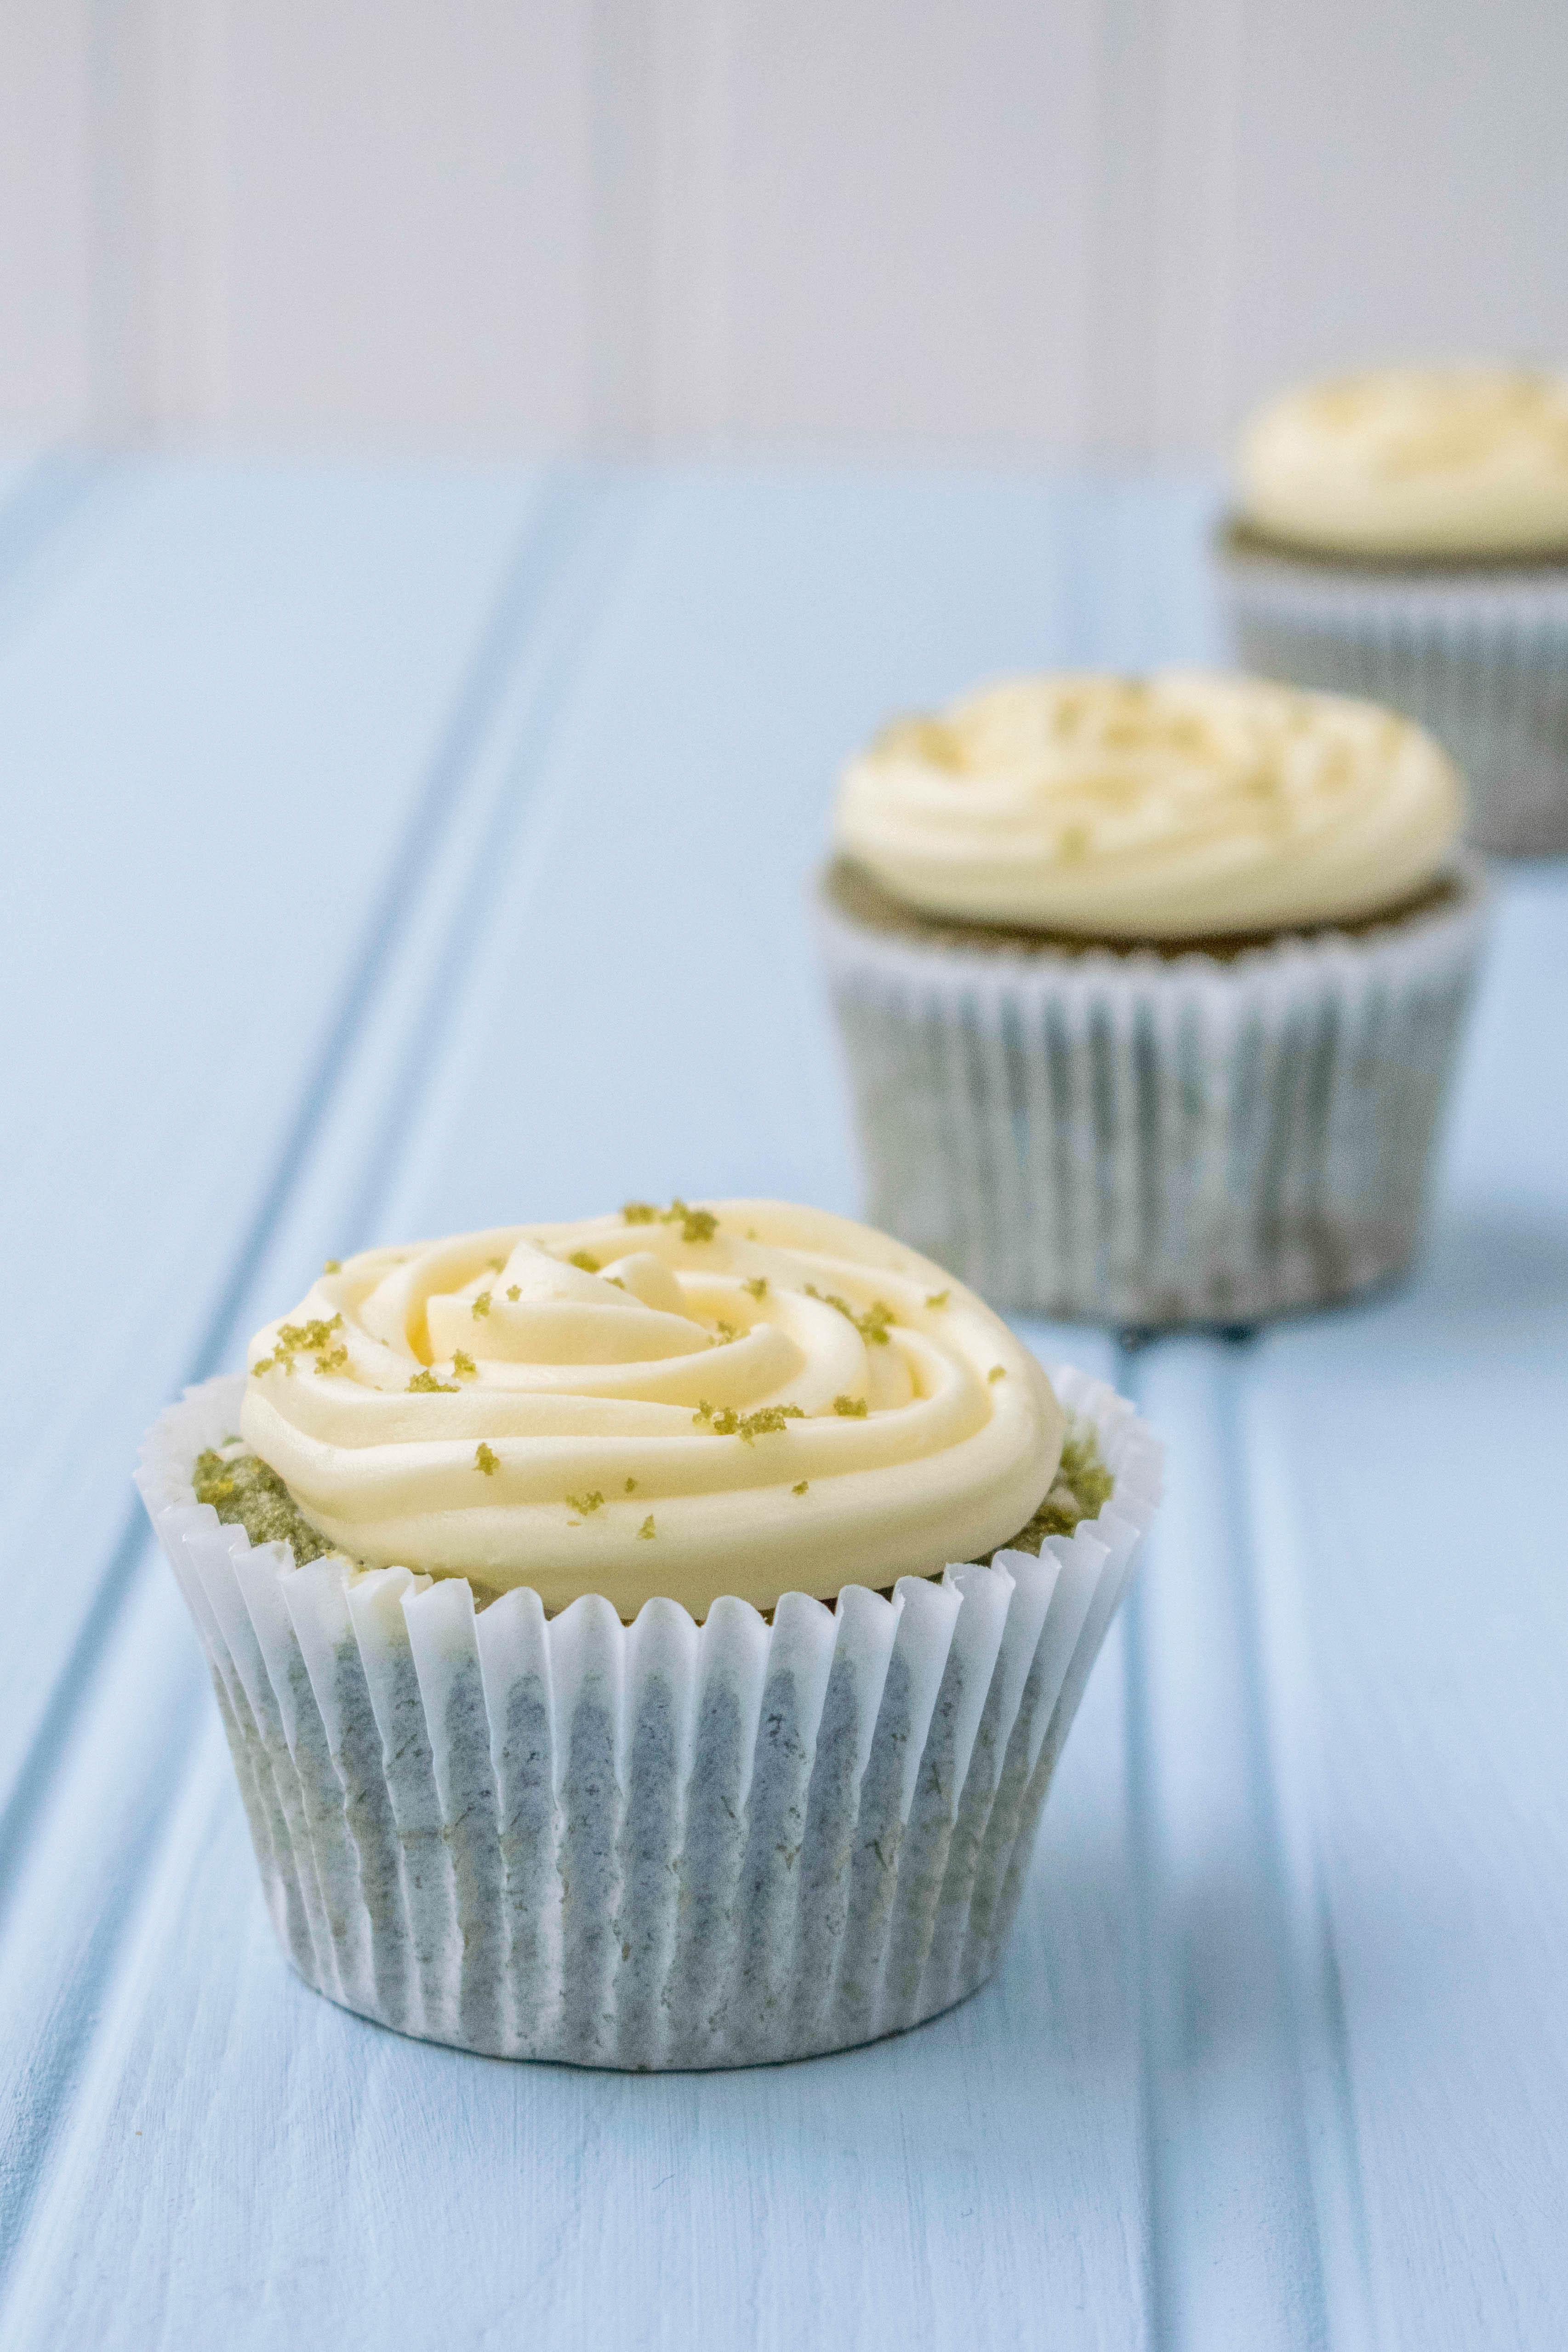 Matcha & White Chocolate Cupcakes